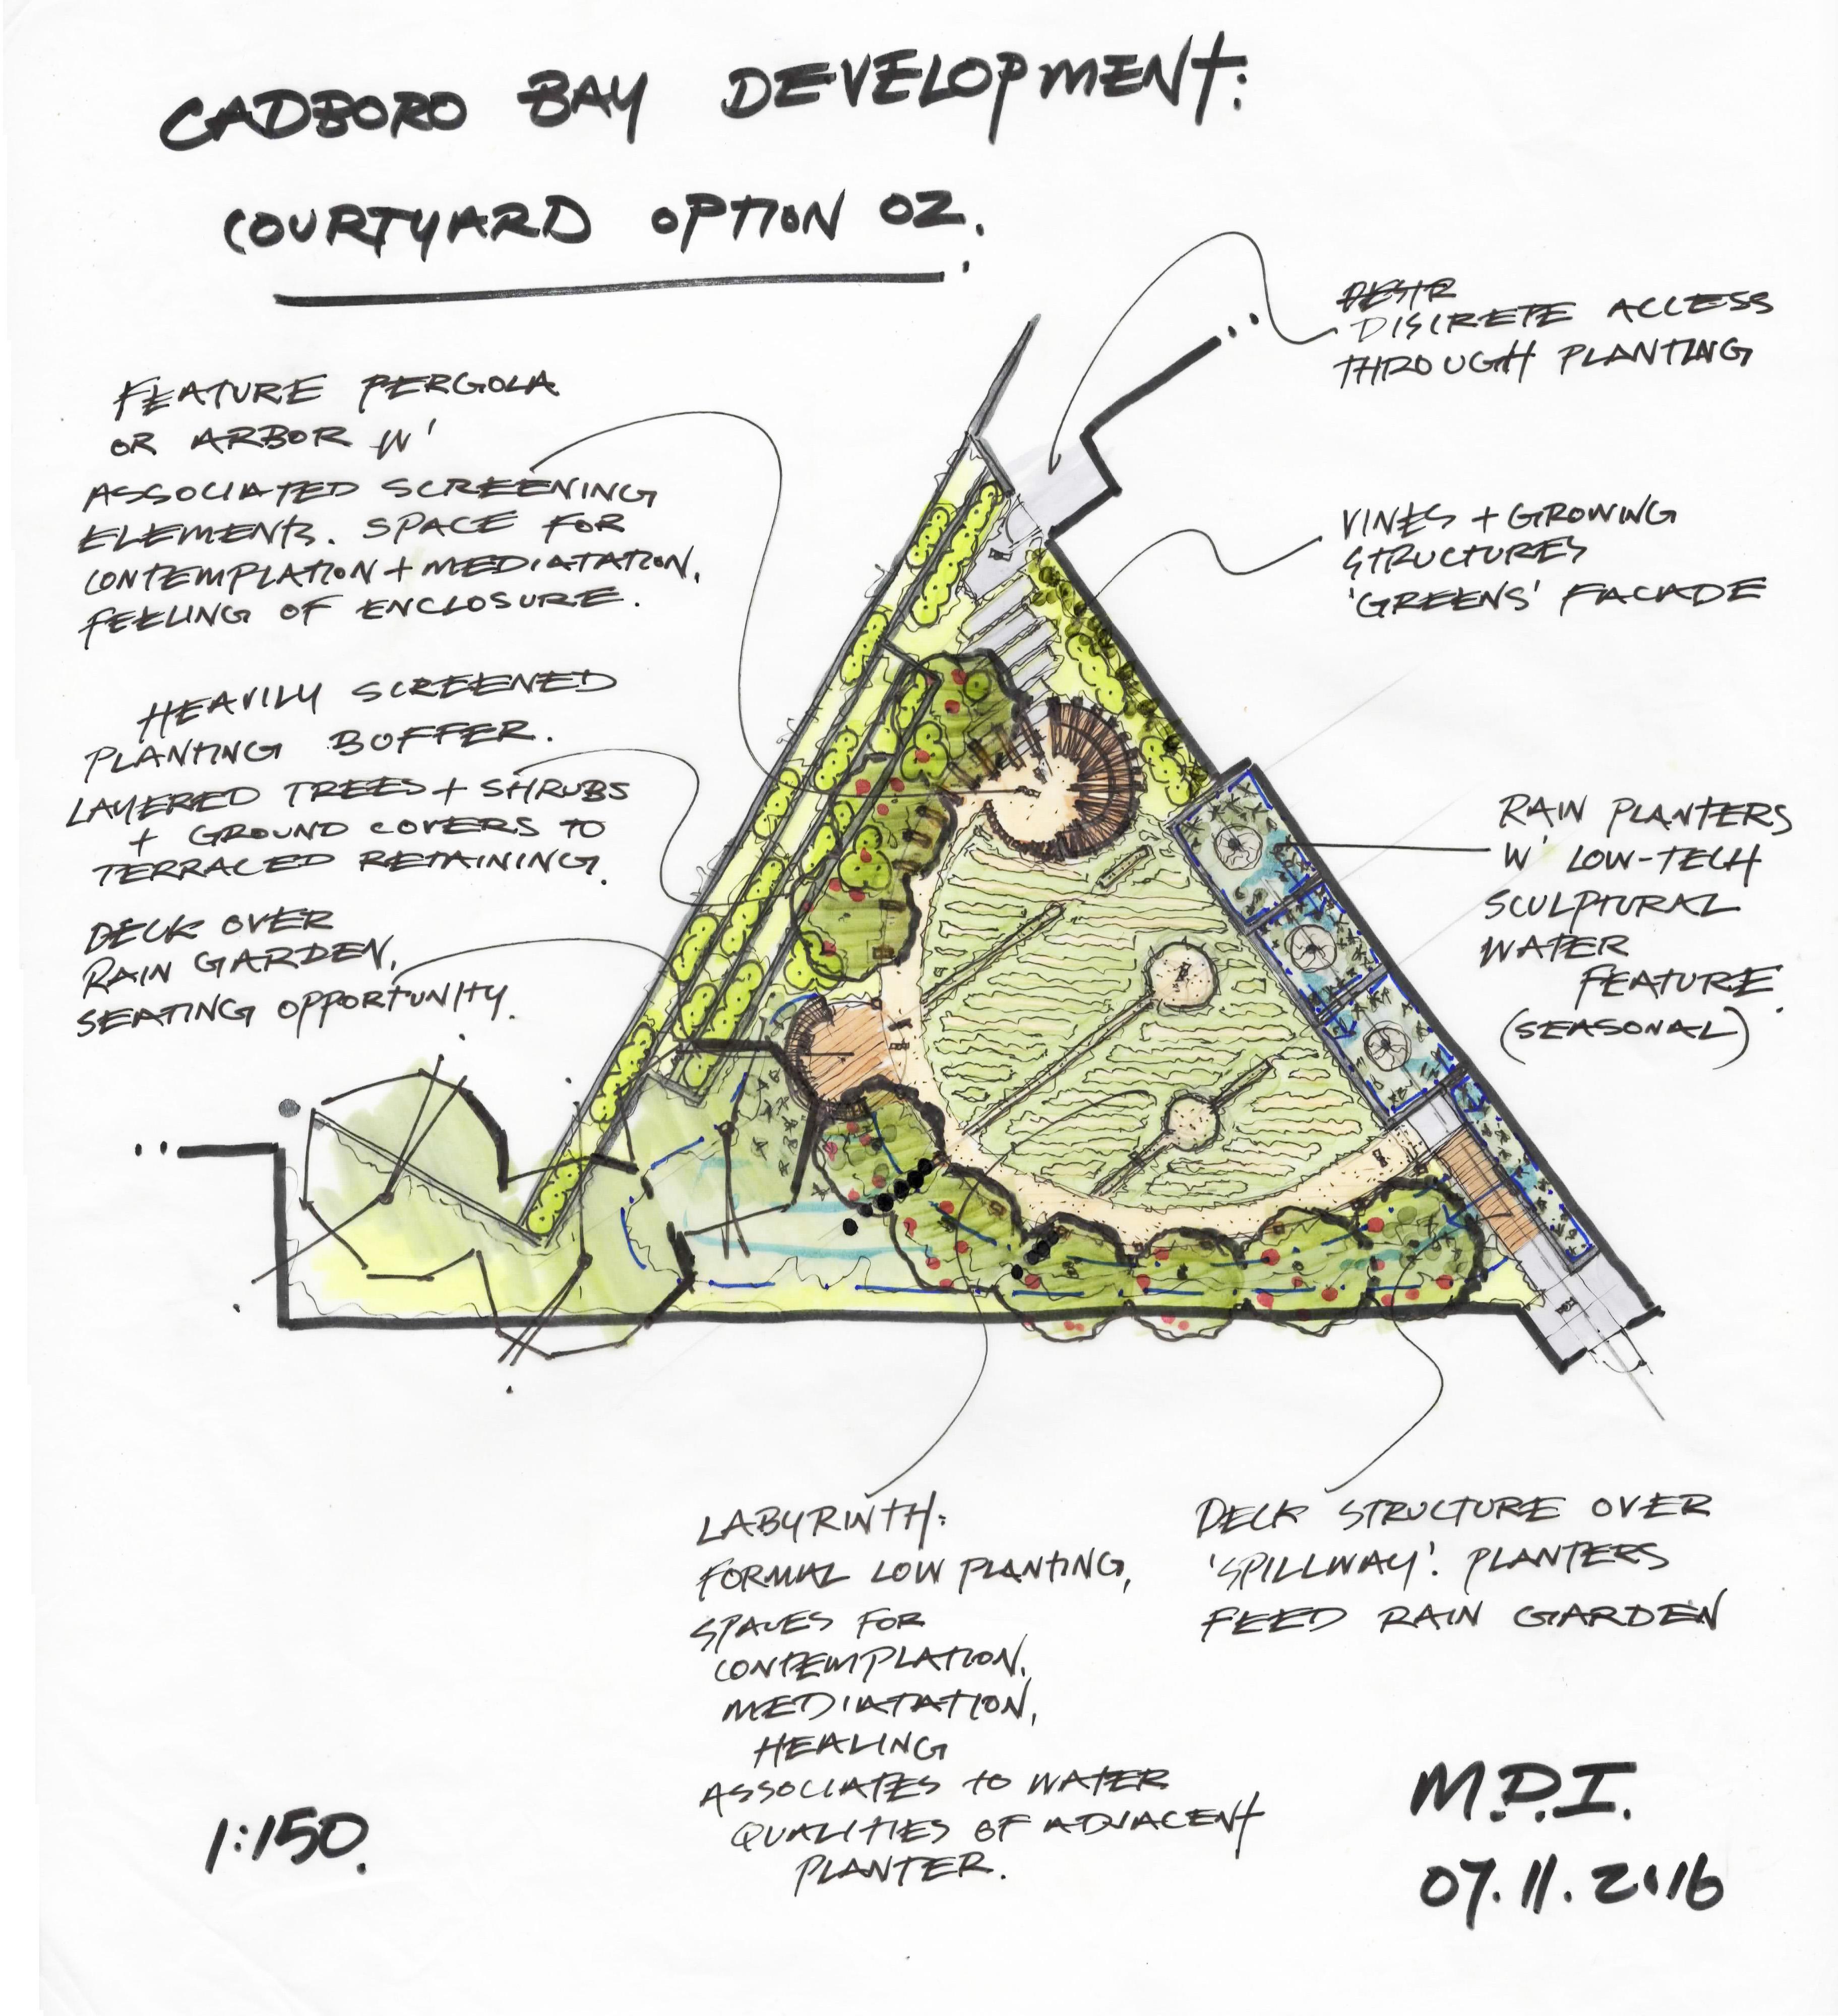 161107-cadboro-bay-development-courtya